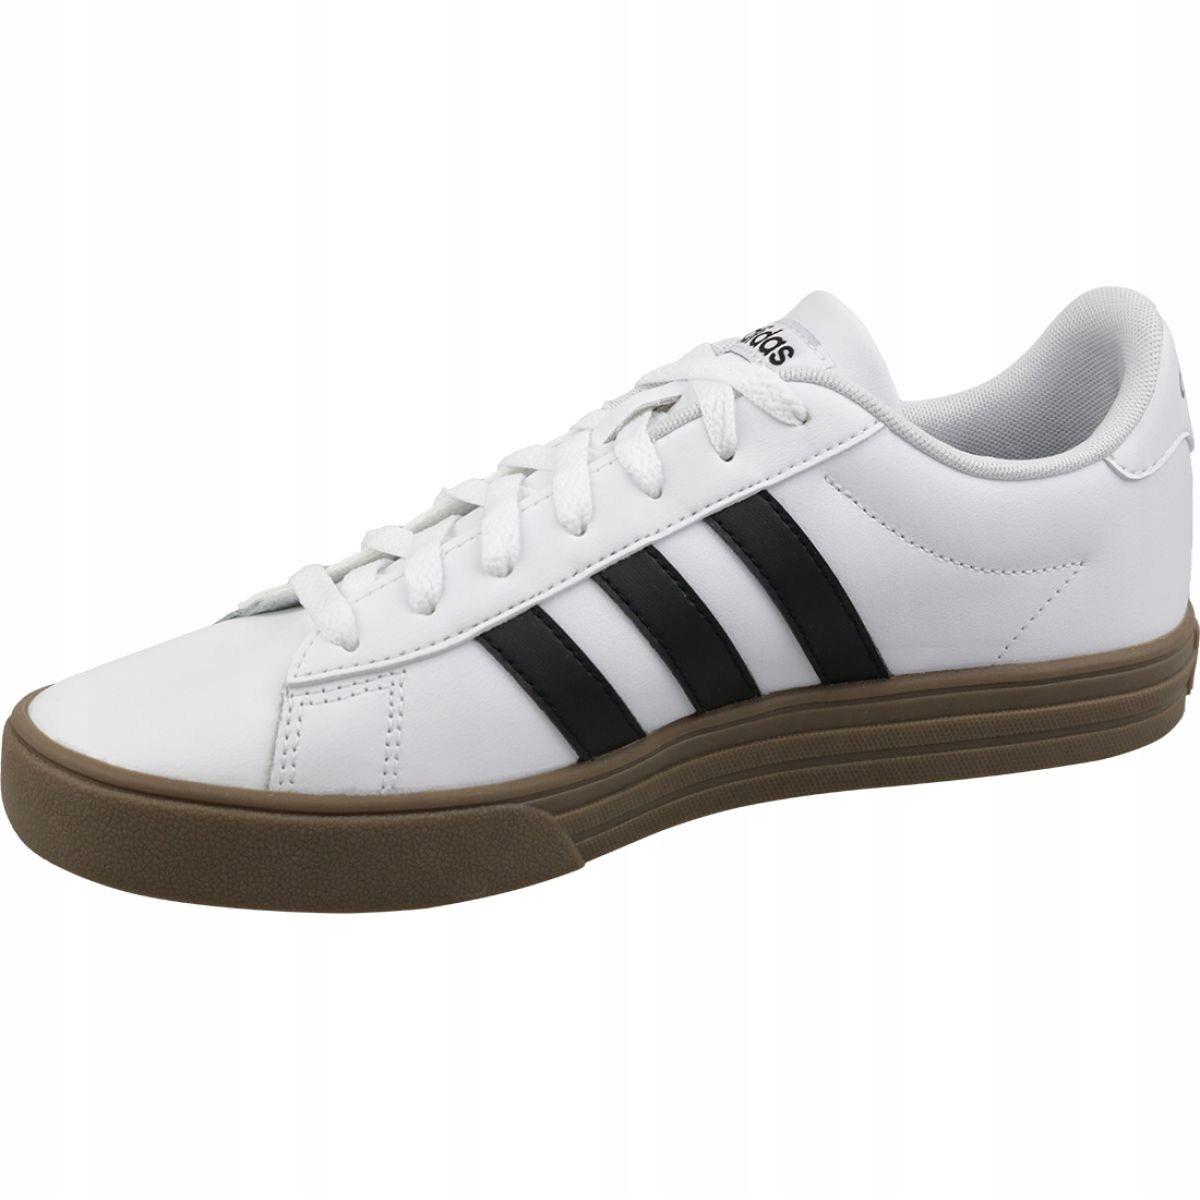 Buty adidas Daily 2.0 M F34469 białe